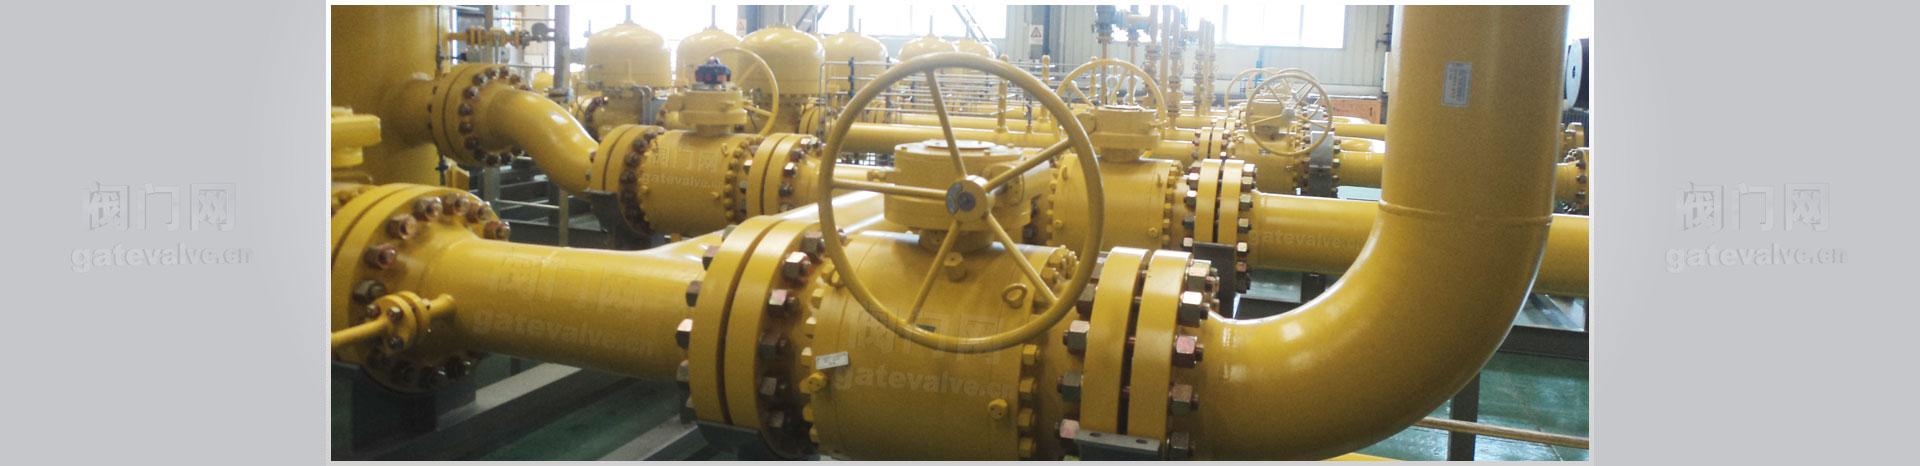 球阀系列有浮动式,固定式,硬密封,全焊接,低温,保温,铸钢和锻钢